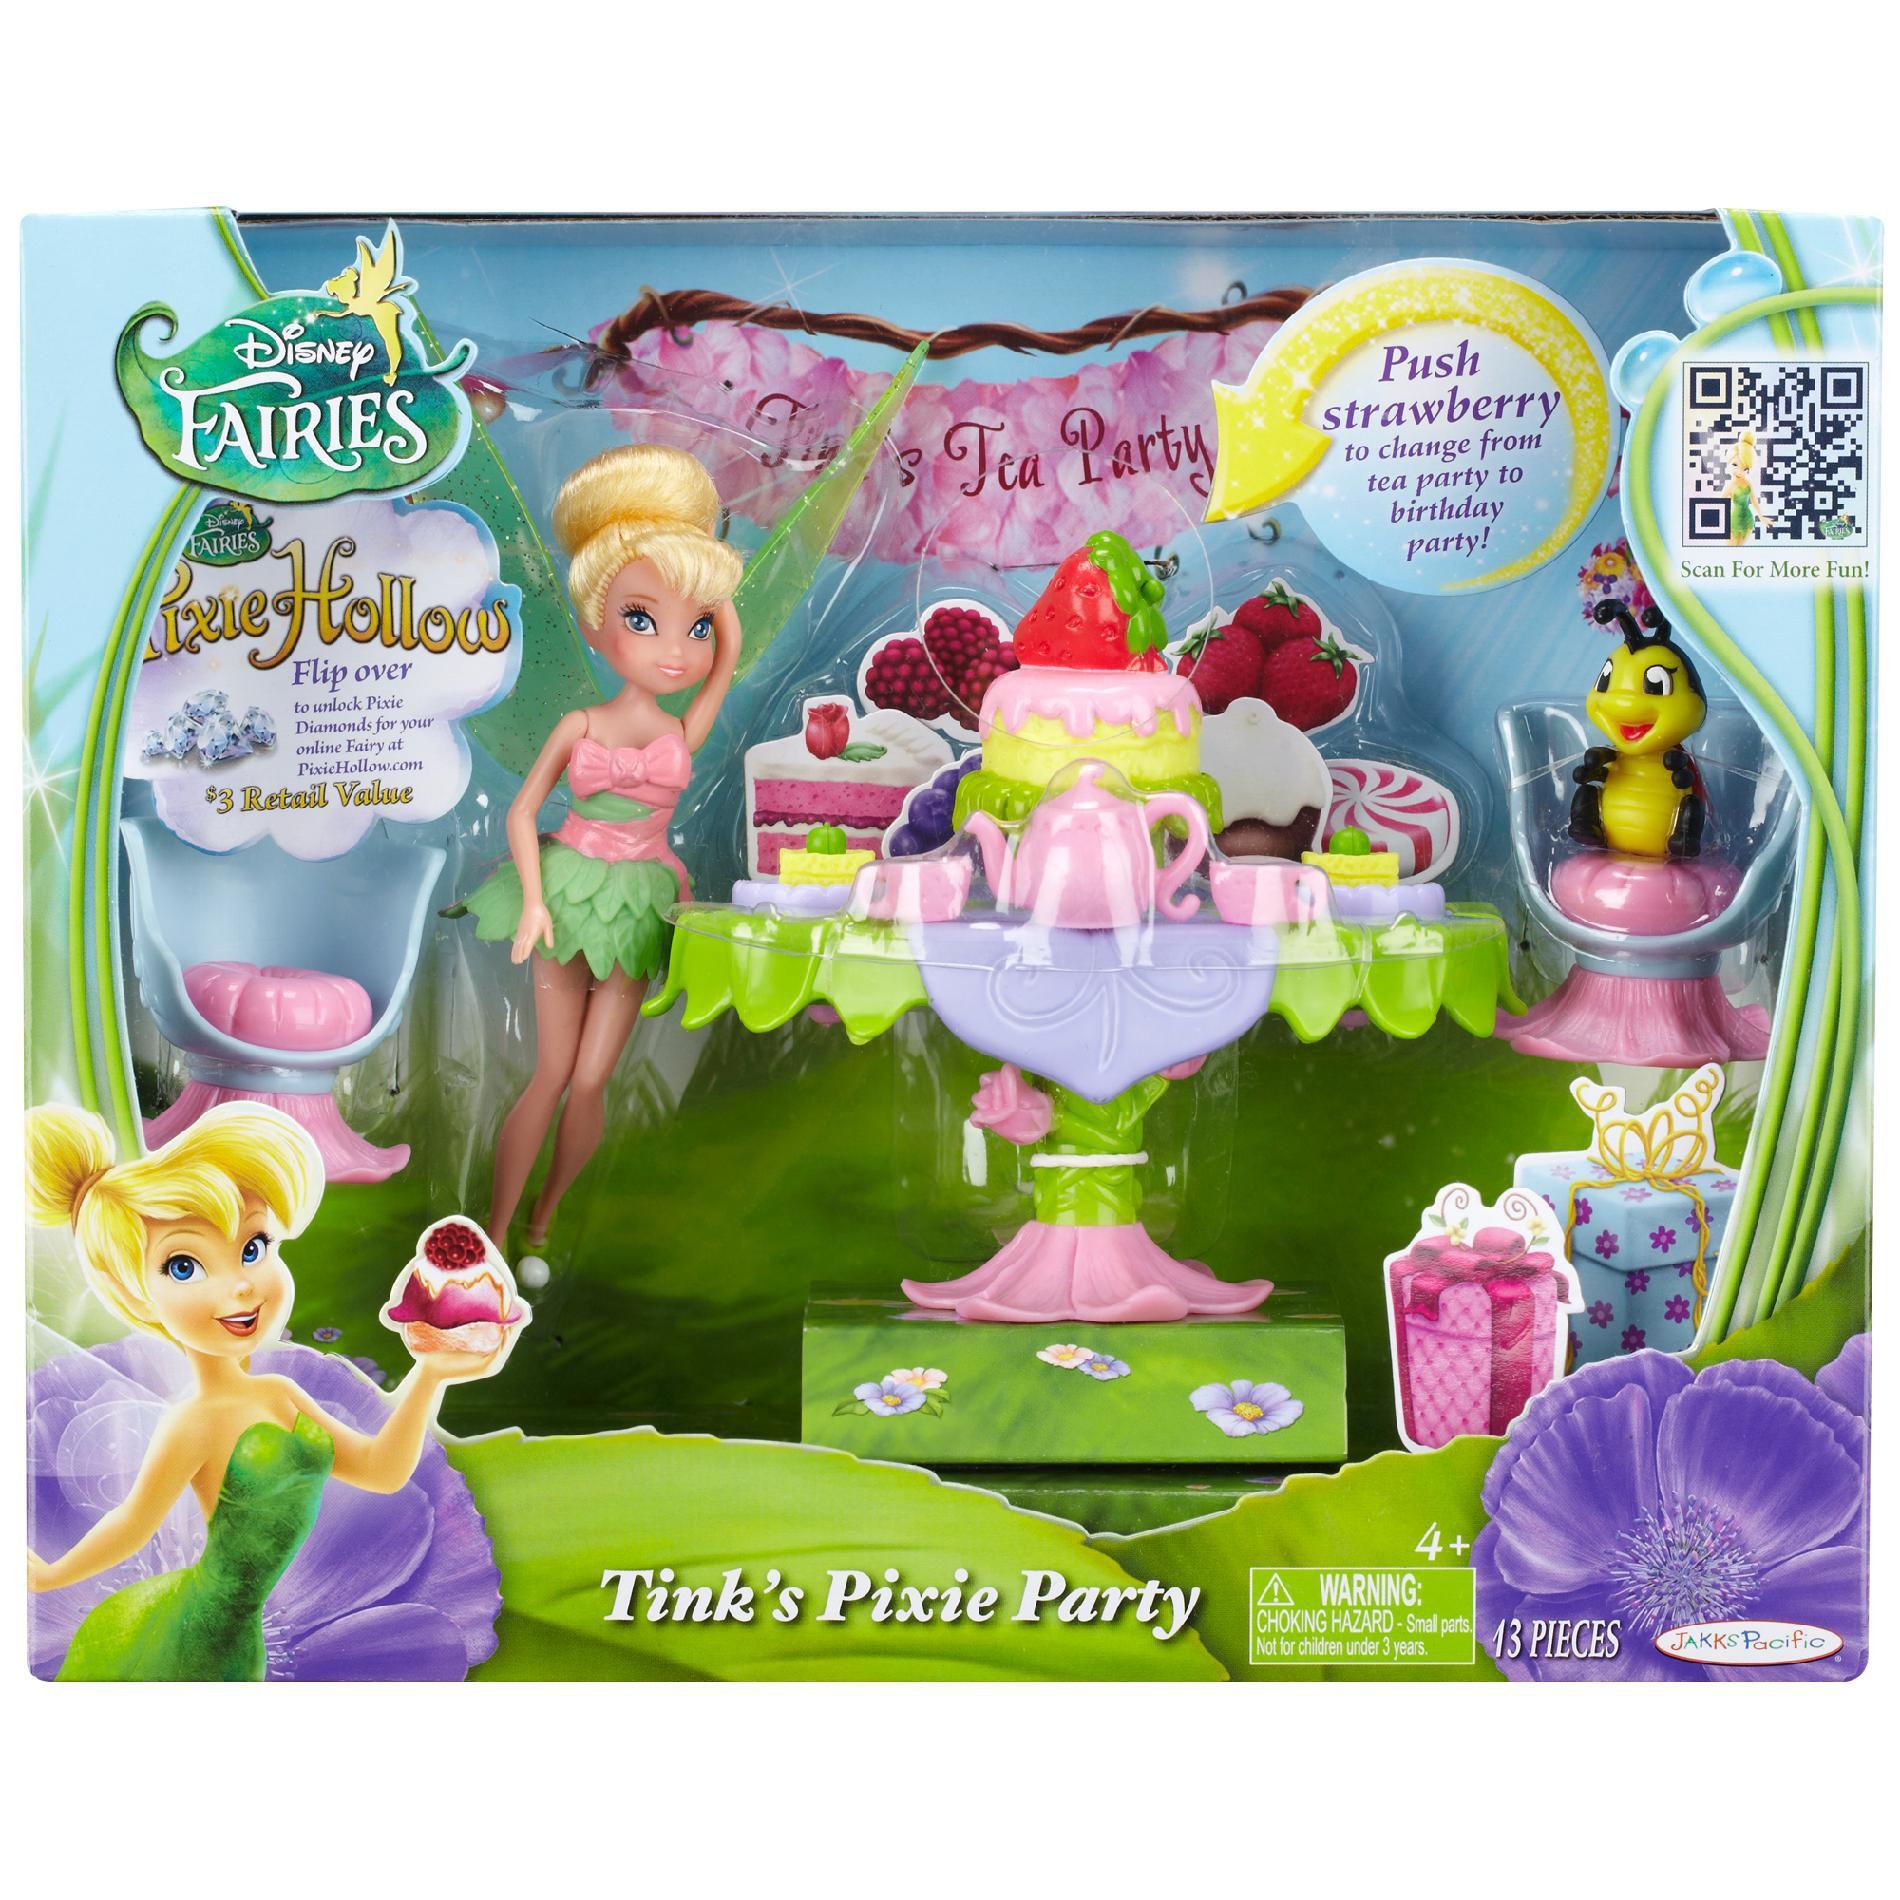 Disney Fairies Tink's Pixie Party - Toys & Games - Dolls ...